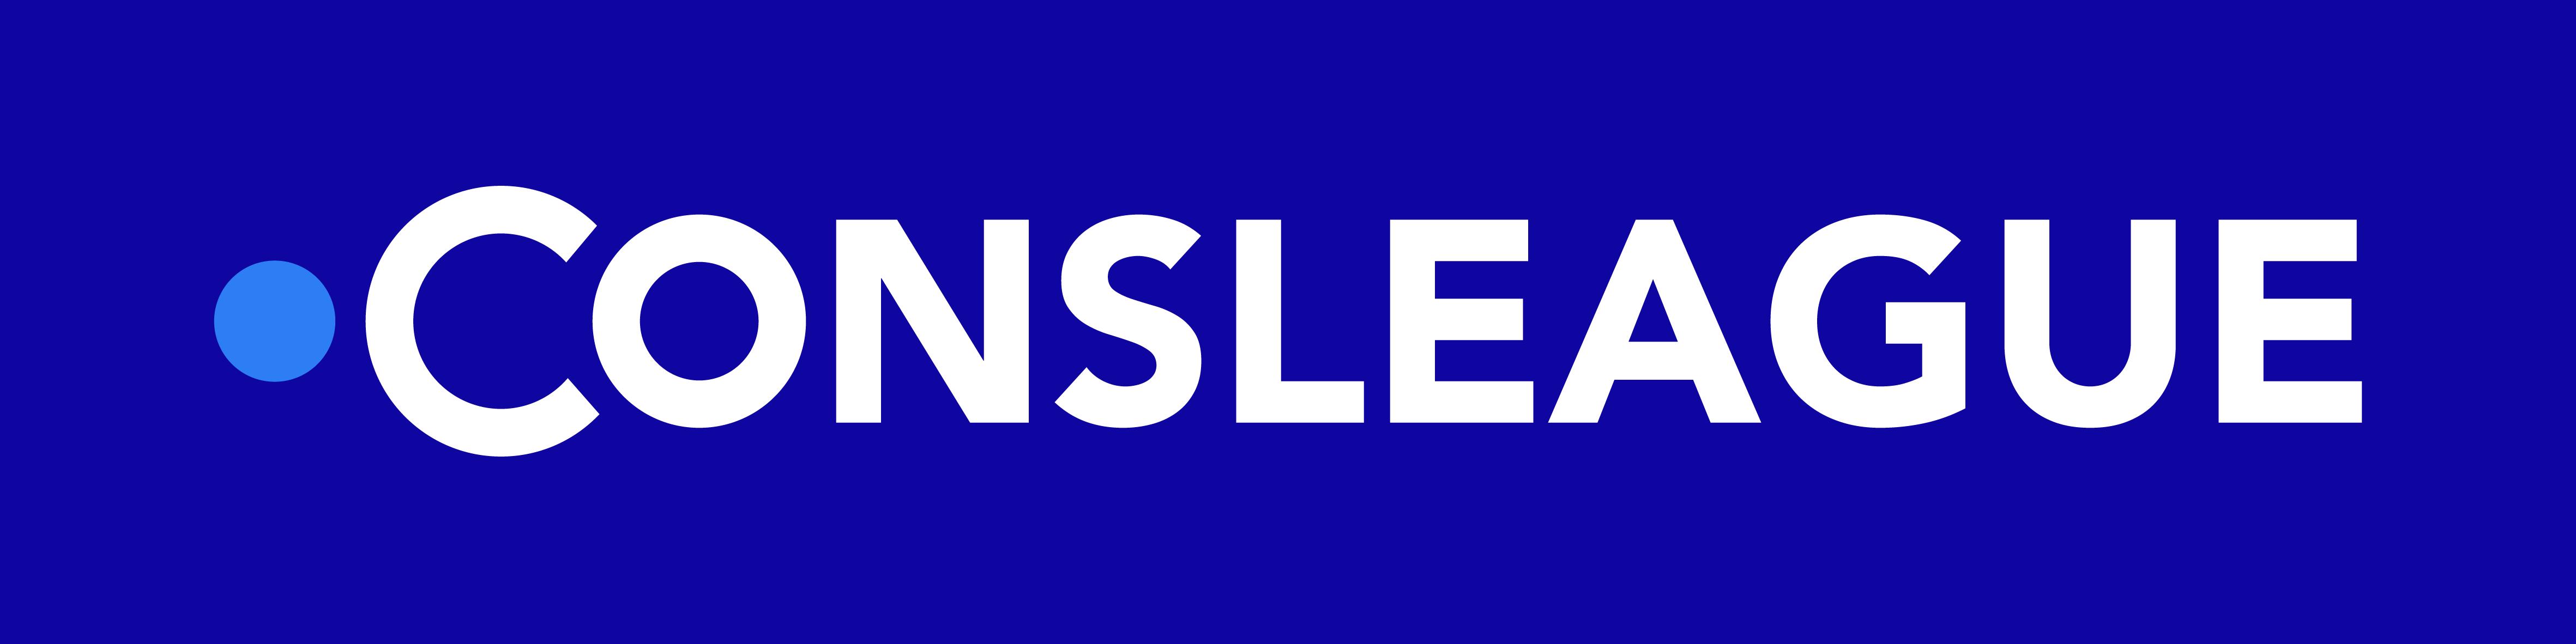 Consleague.com